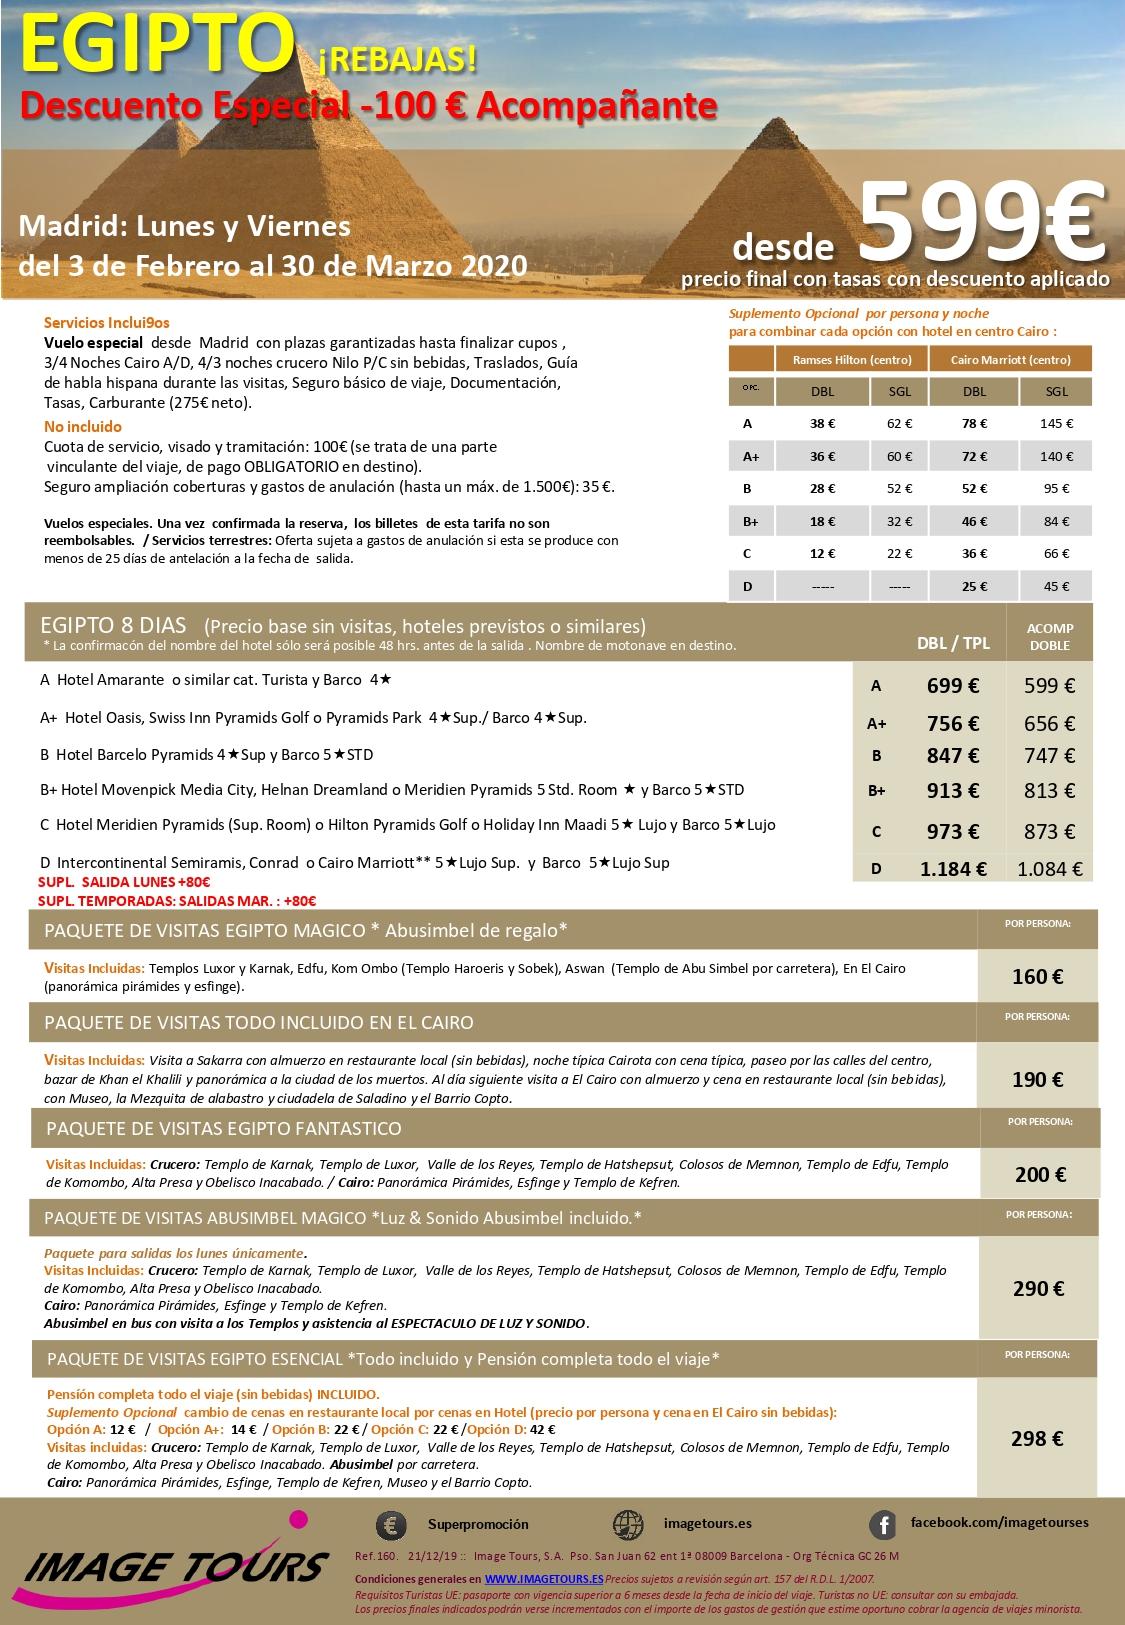 EBPBASCHOLLO_15-01-2020_EGIPTOREBAJASFEBMAR-100€_page-0001